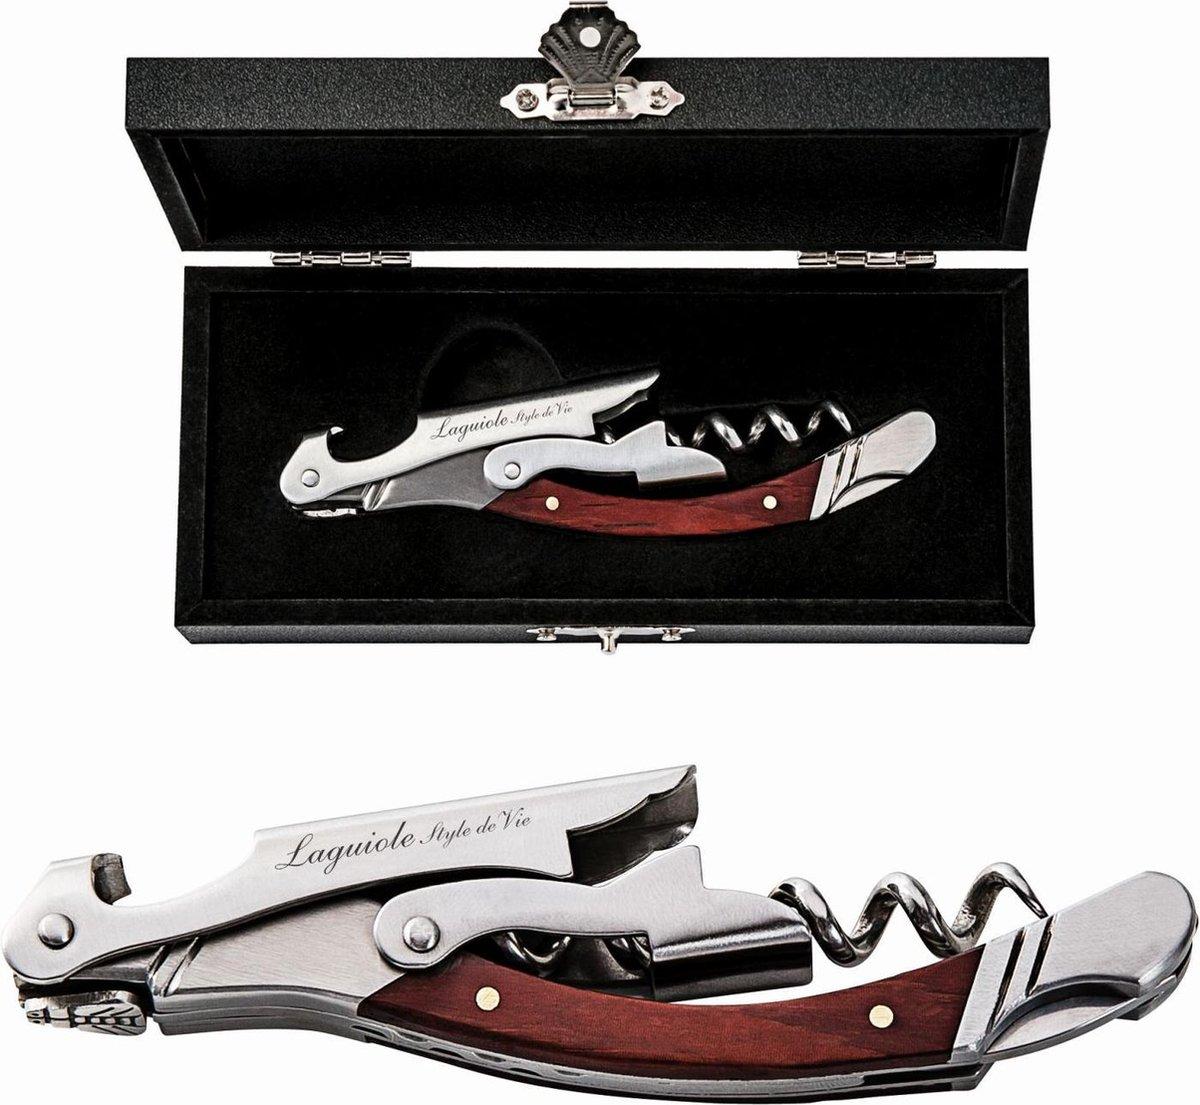 Laguiole Style de Vie Kurkentrekker - in giftbox - Rozenhout